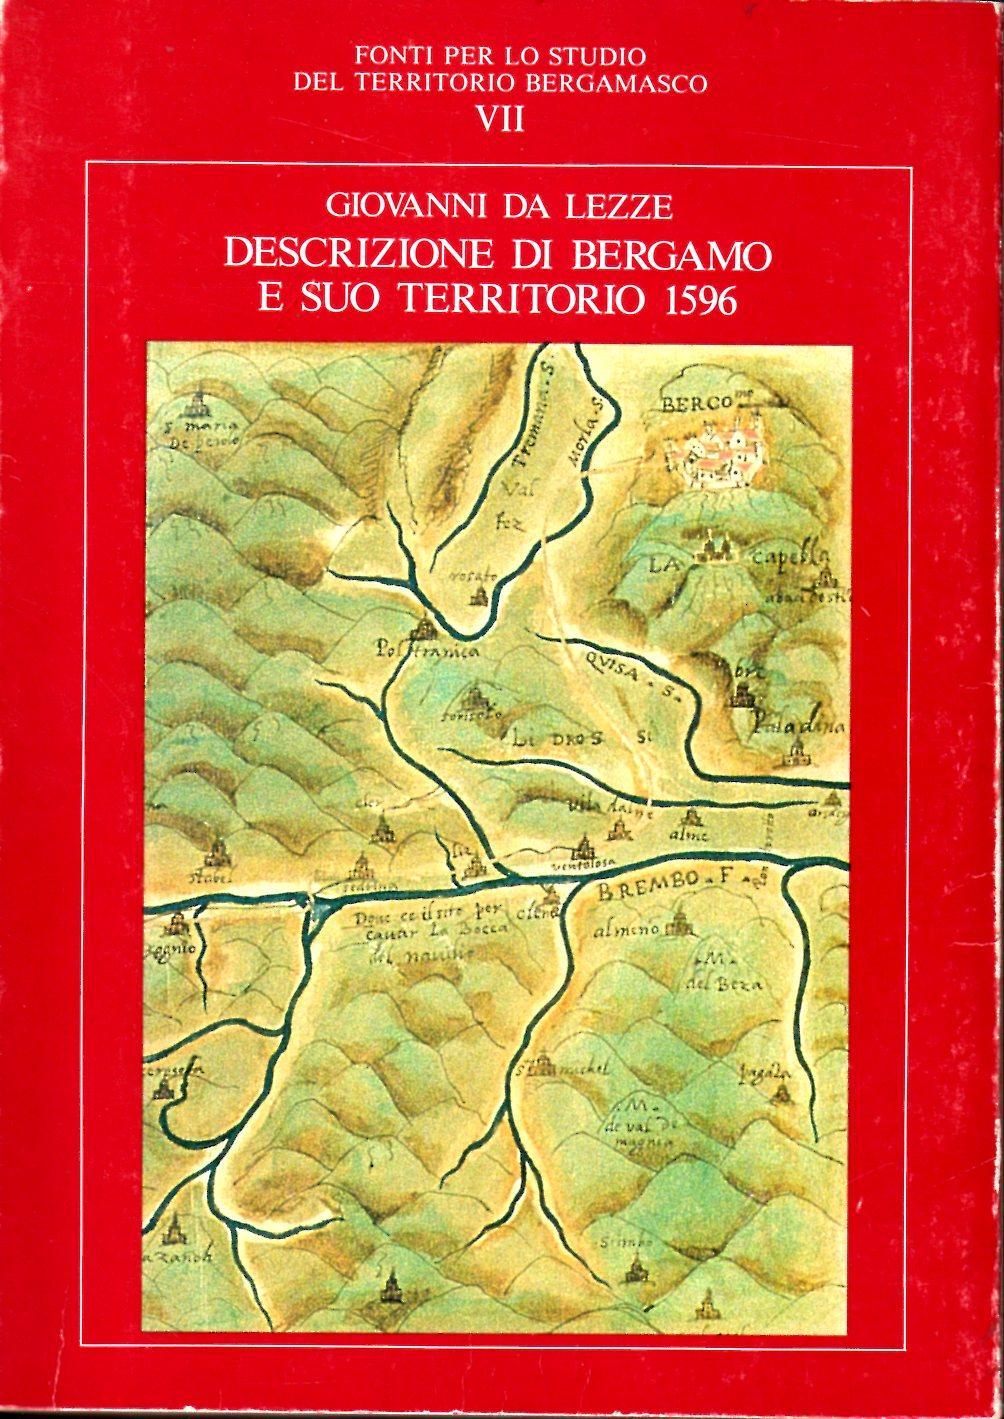 01 - Giovanni da Lezze